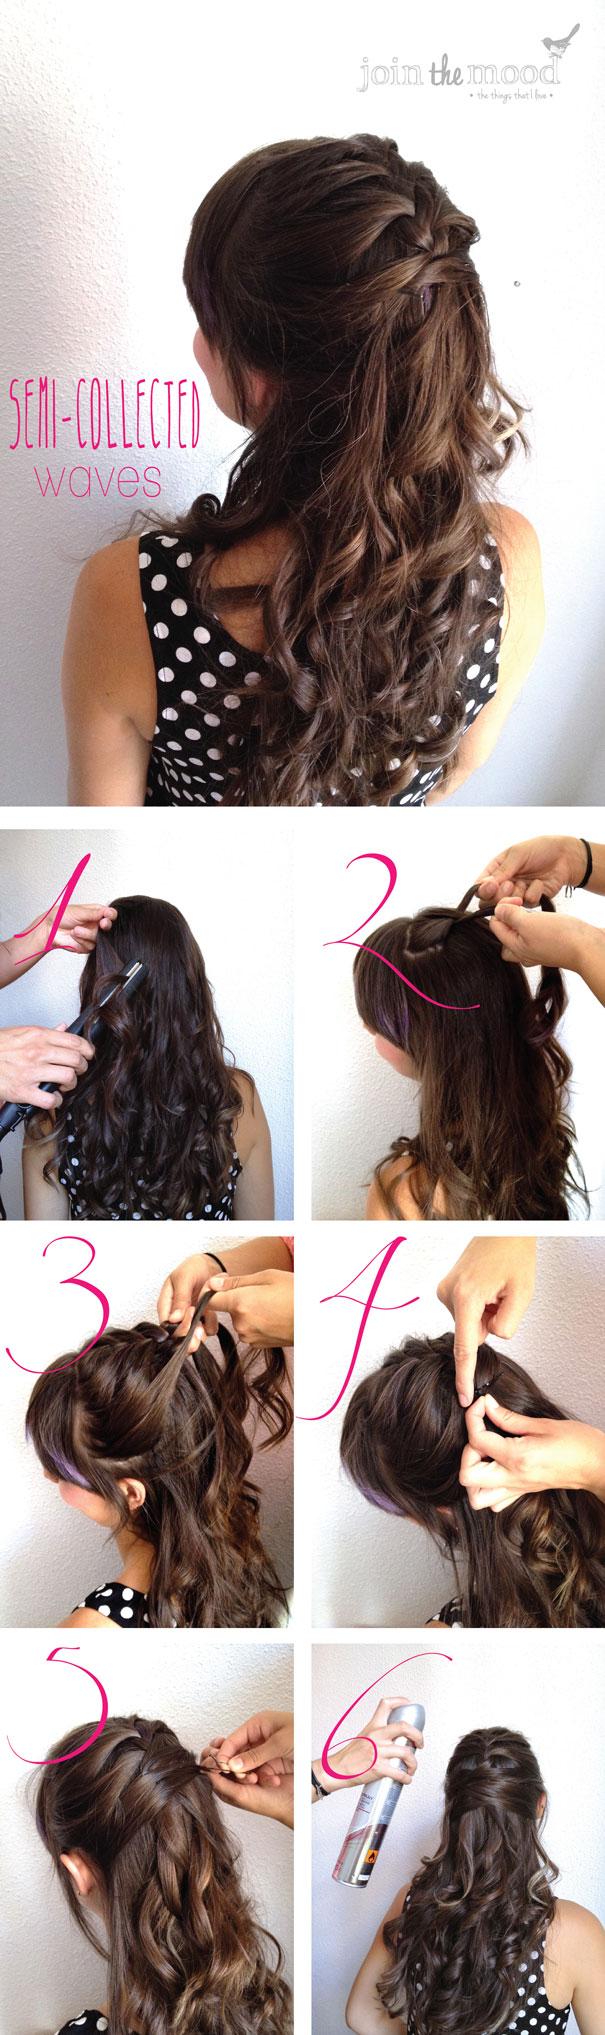 Tremendous 13 Half Up Half Down Hair Tutorials Short Hairstyles Gunalazisus